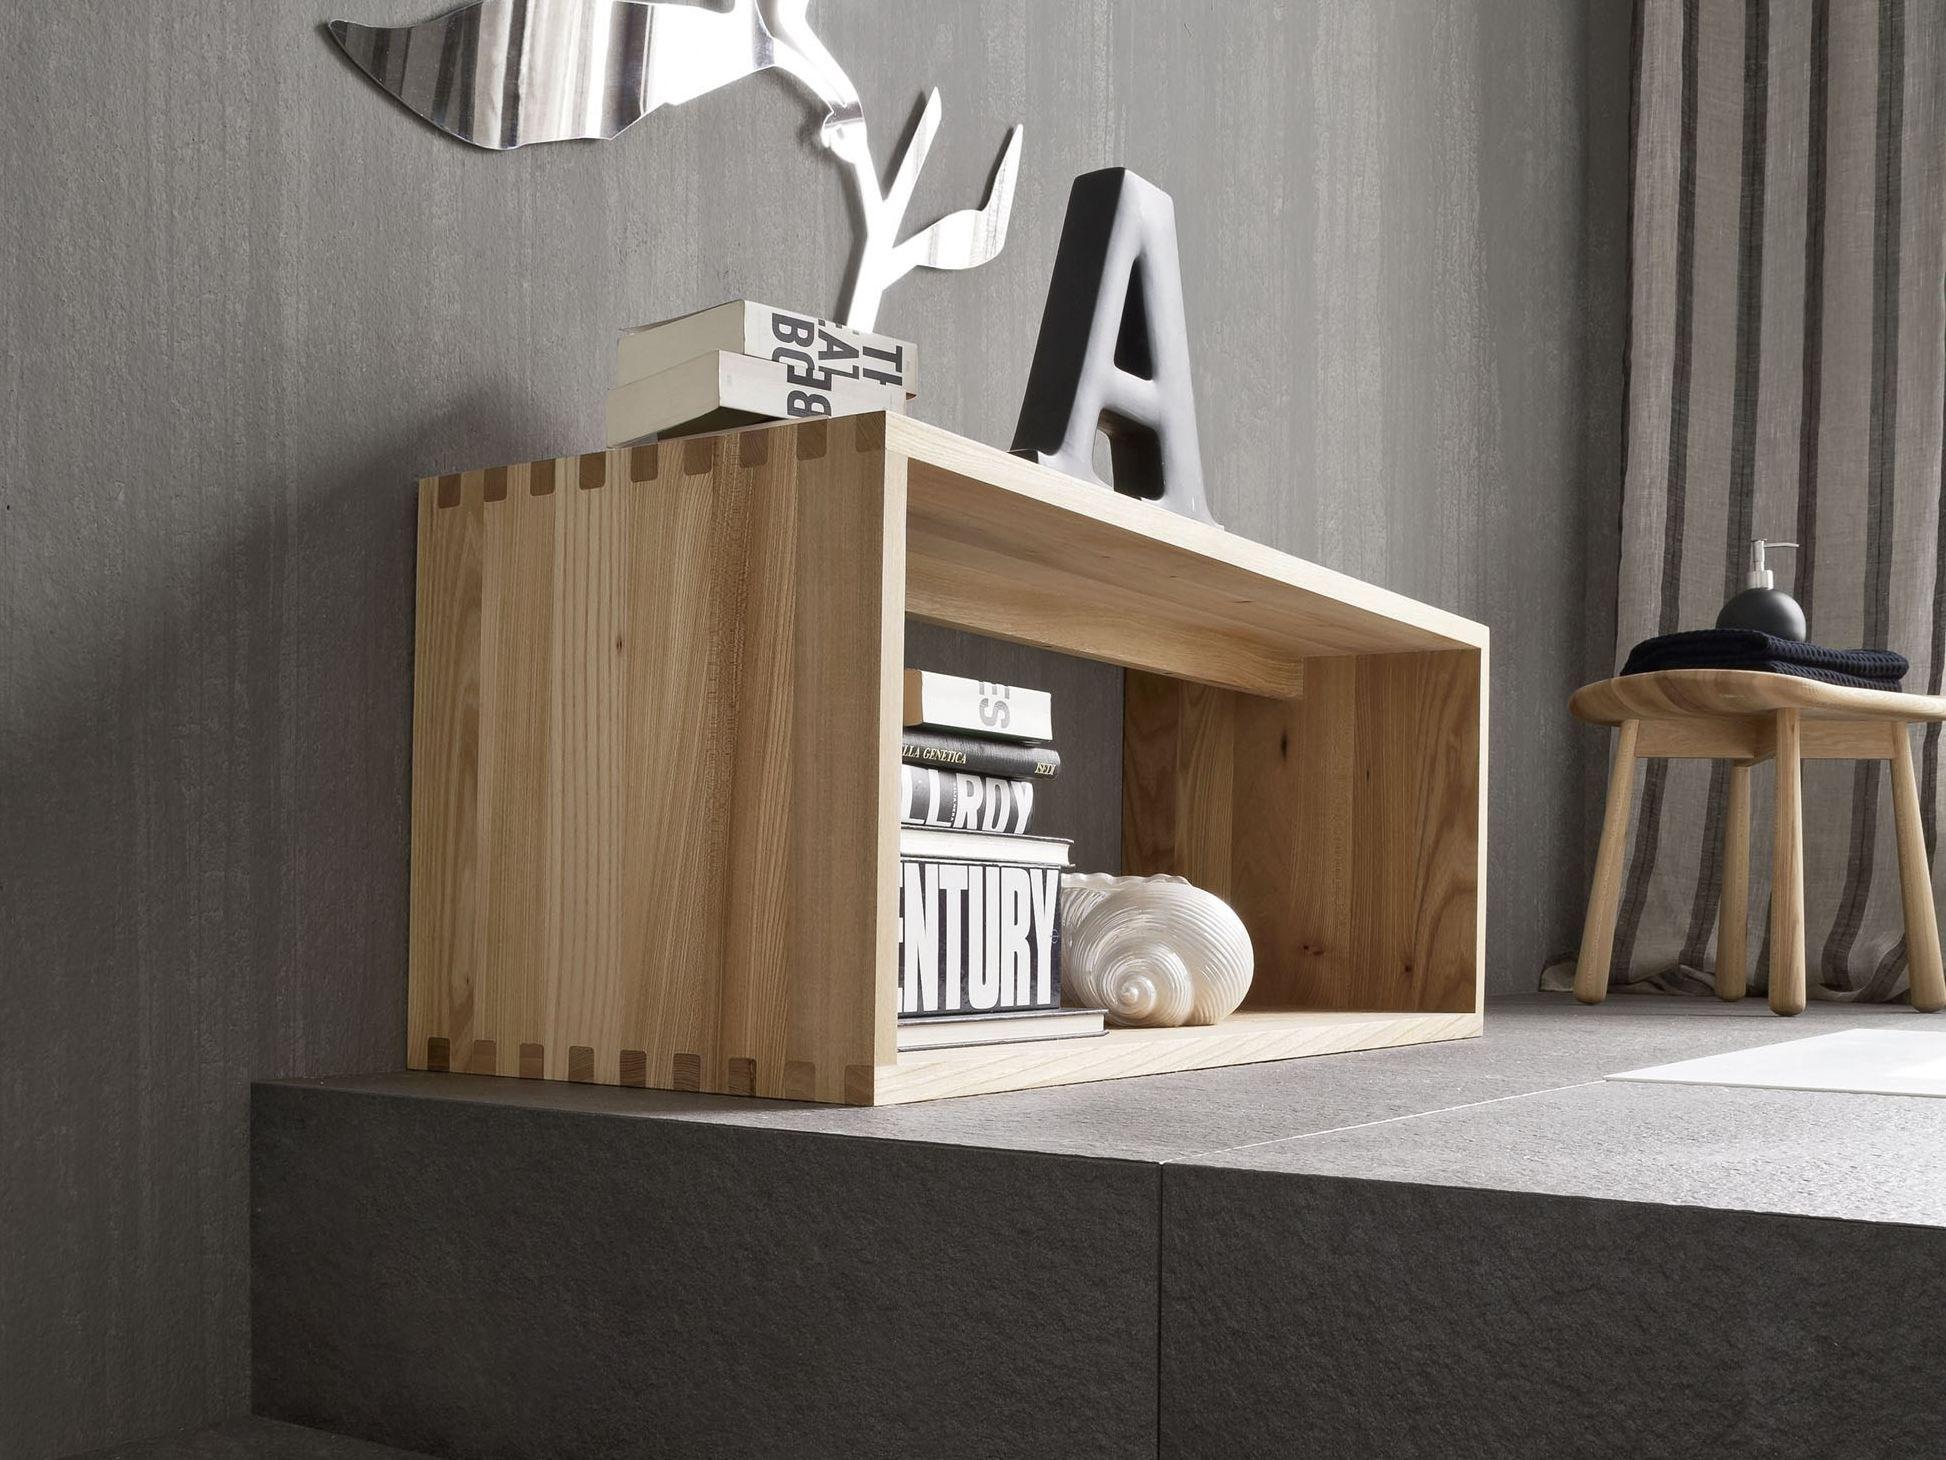 Ergo nomic meuble pour salle de bain by rexa design design giulio ...